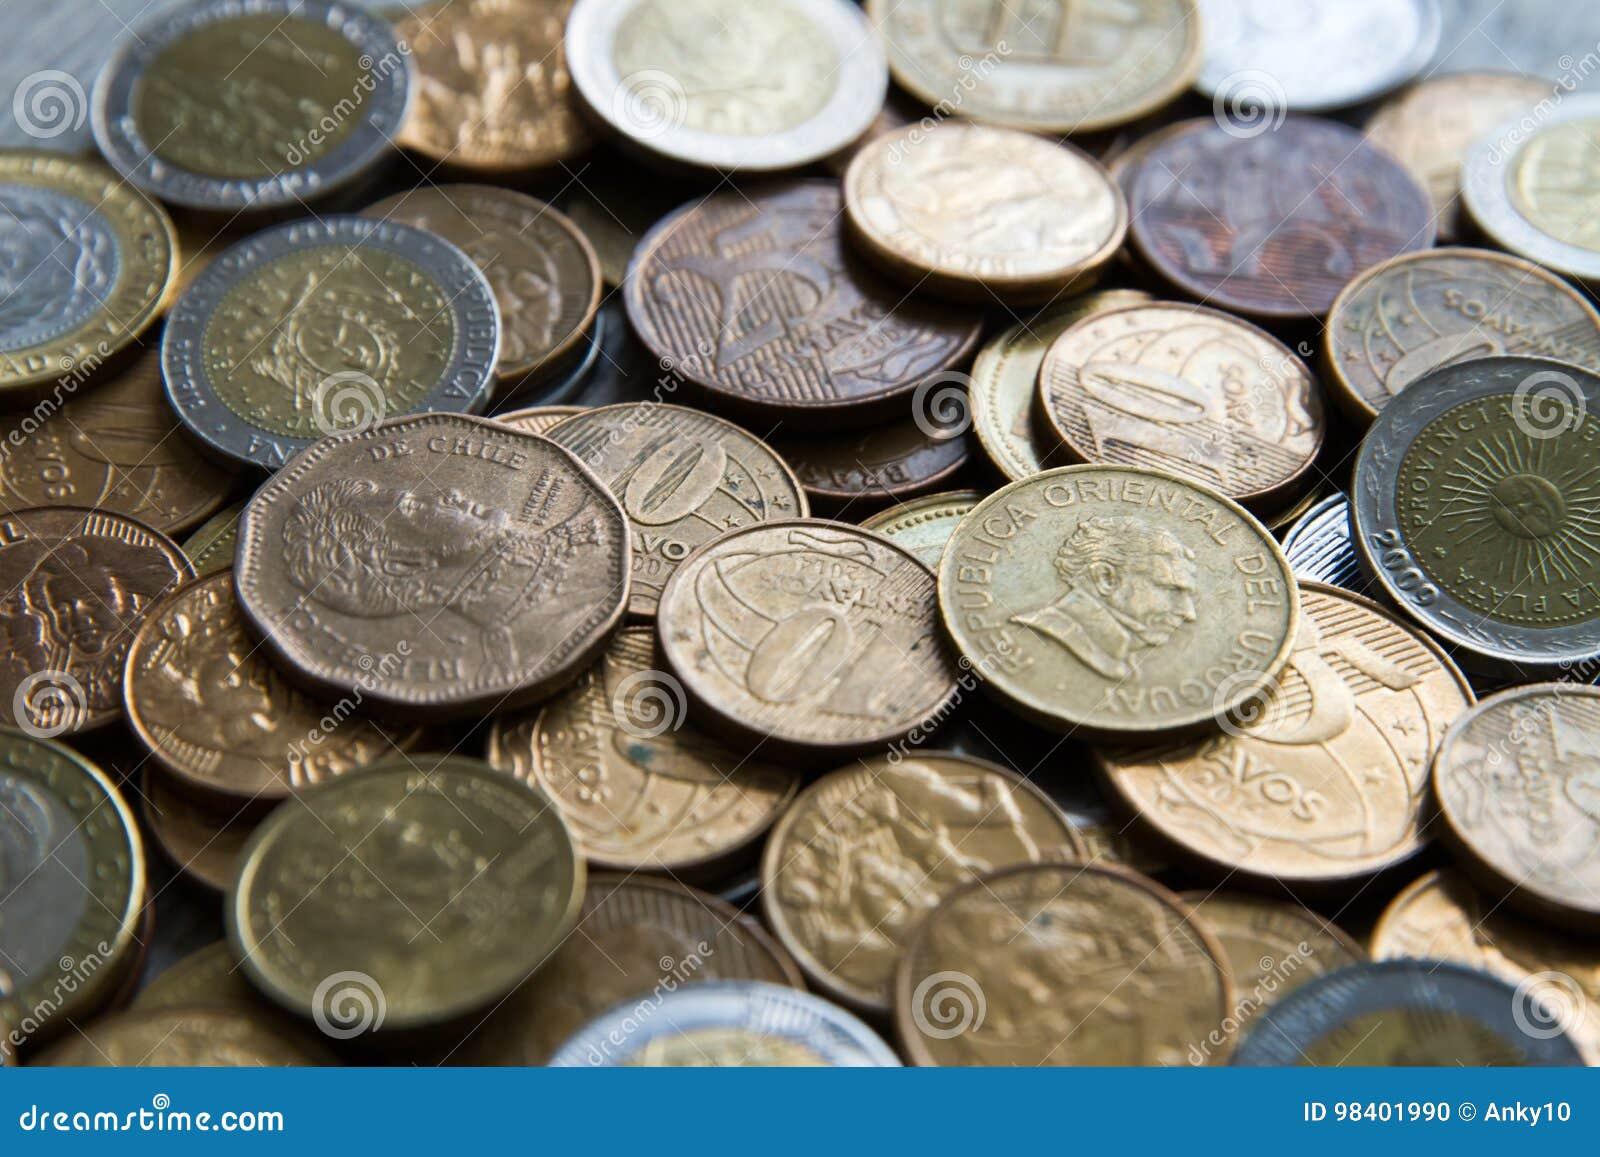 Sdamerikanische mnzen stockfoto bild von peru geld 98401990 download comp thecheapjerseys Images